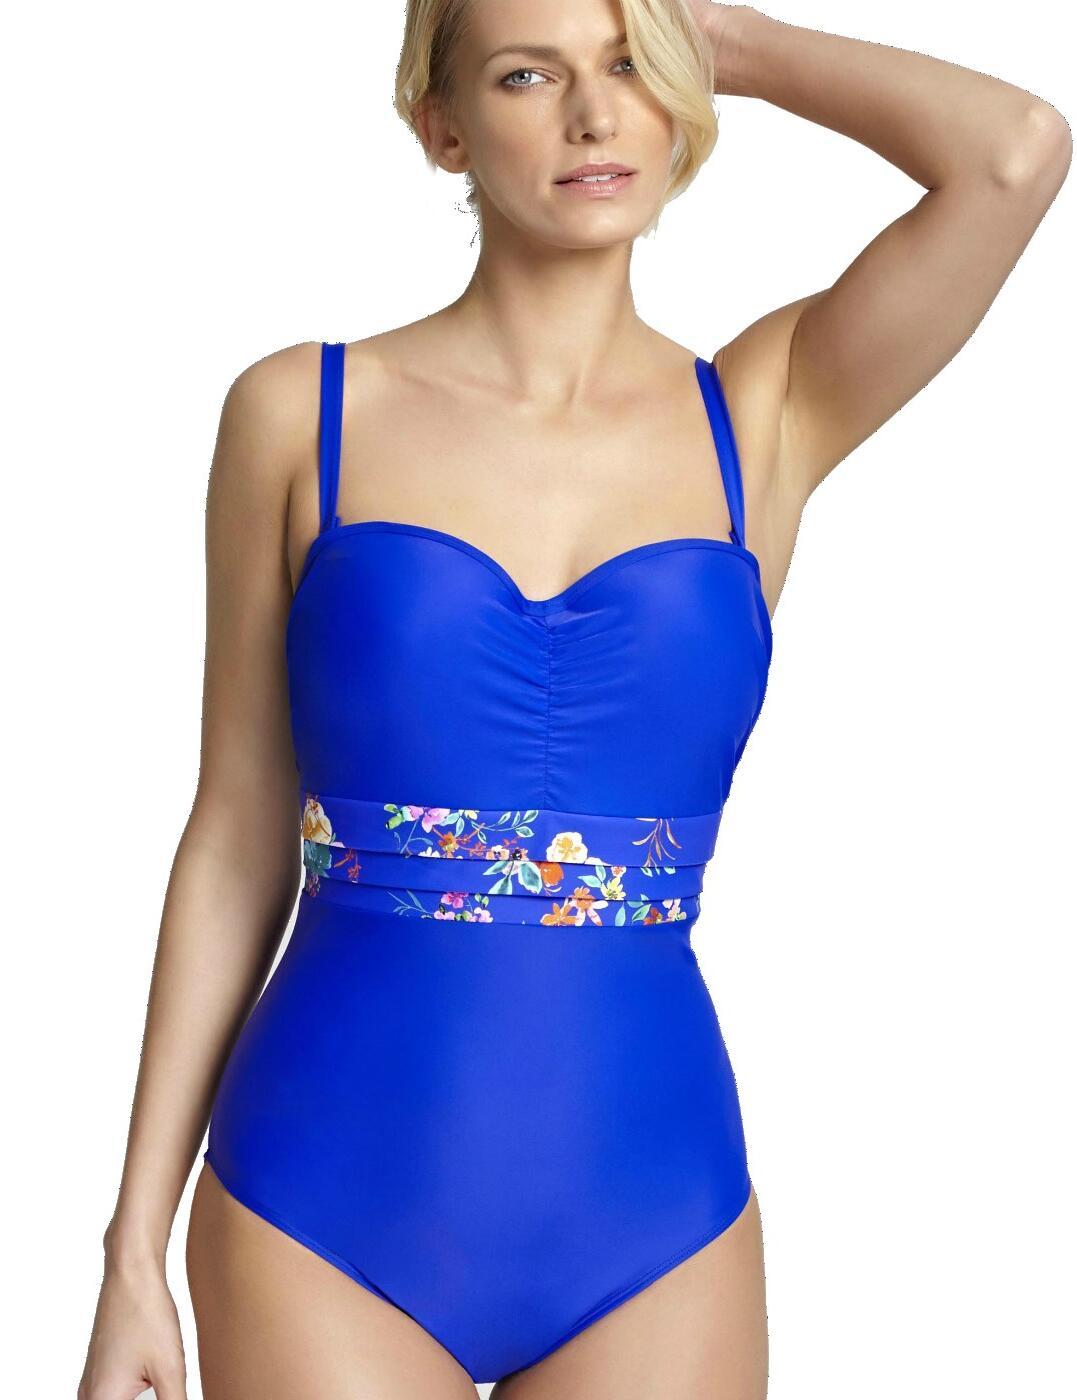 SW1058 Panache Florentine Swimsuit - SW1058 Cobalt/Floral